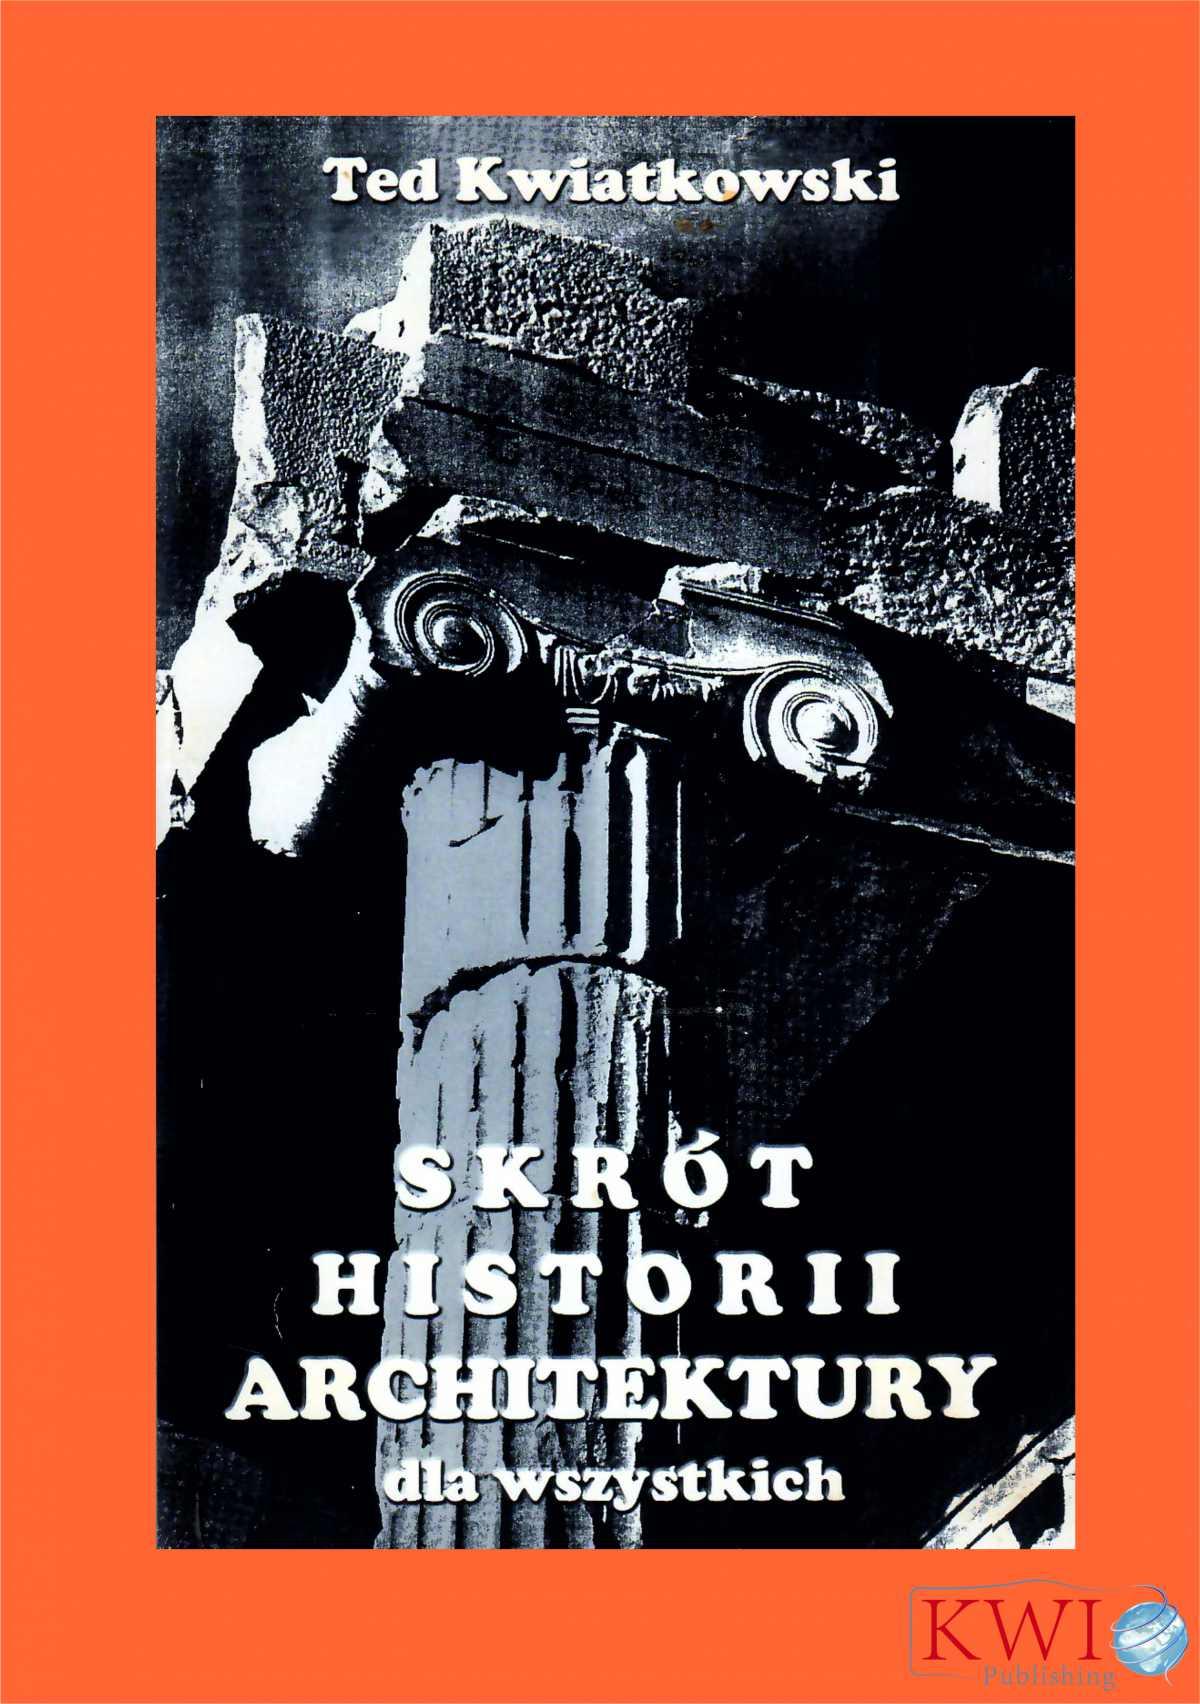 Skrót historii architektury dla wszystkich - Ebook (Książka EPUB) do pobrania w formacie EPUB